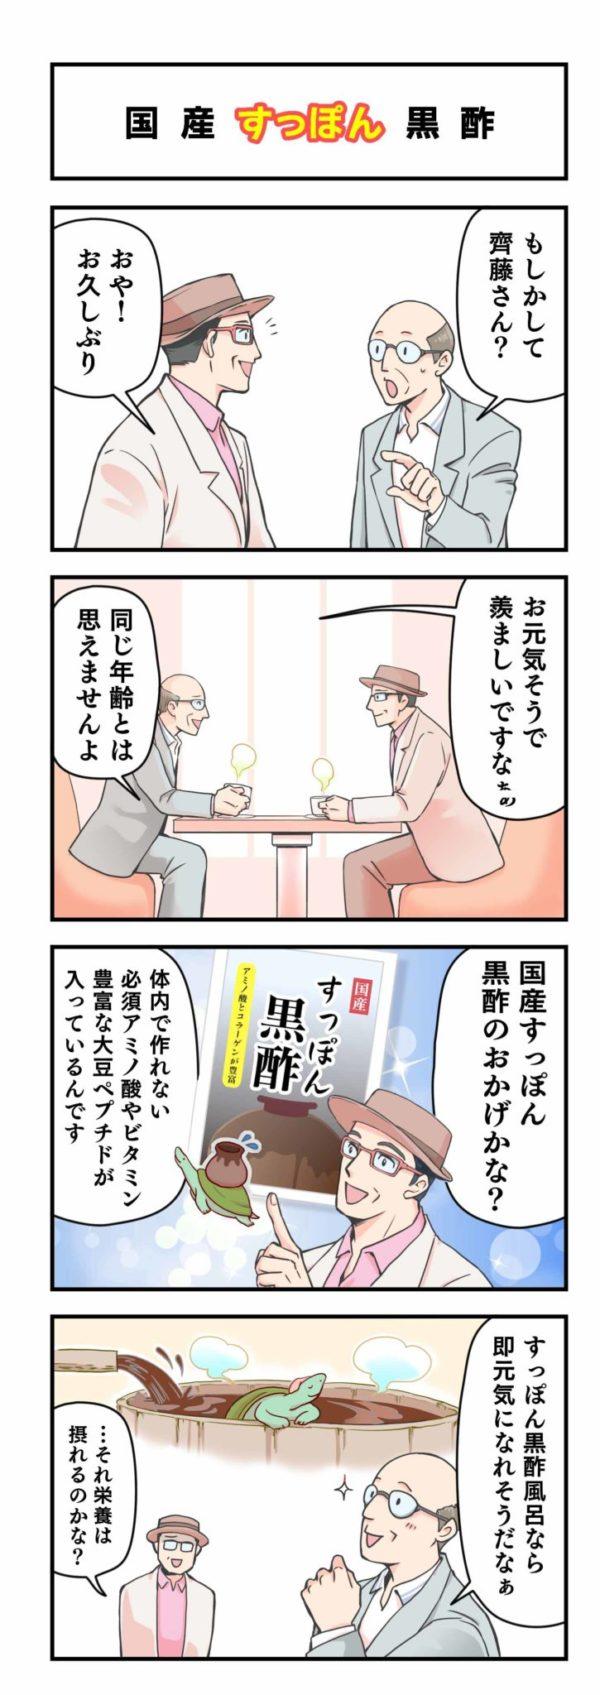 「すっぽん黒酢」商品紹介マンガ